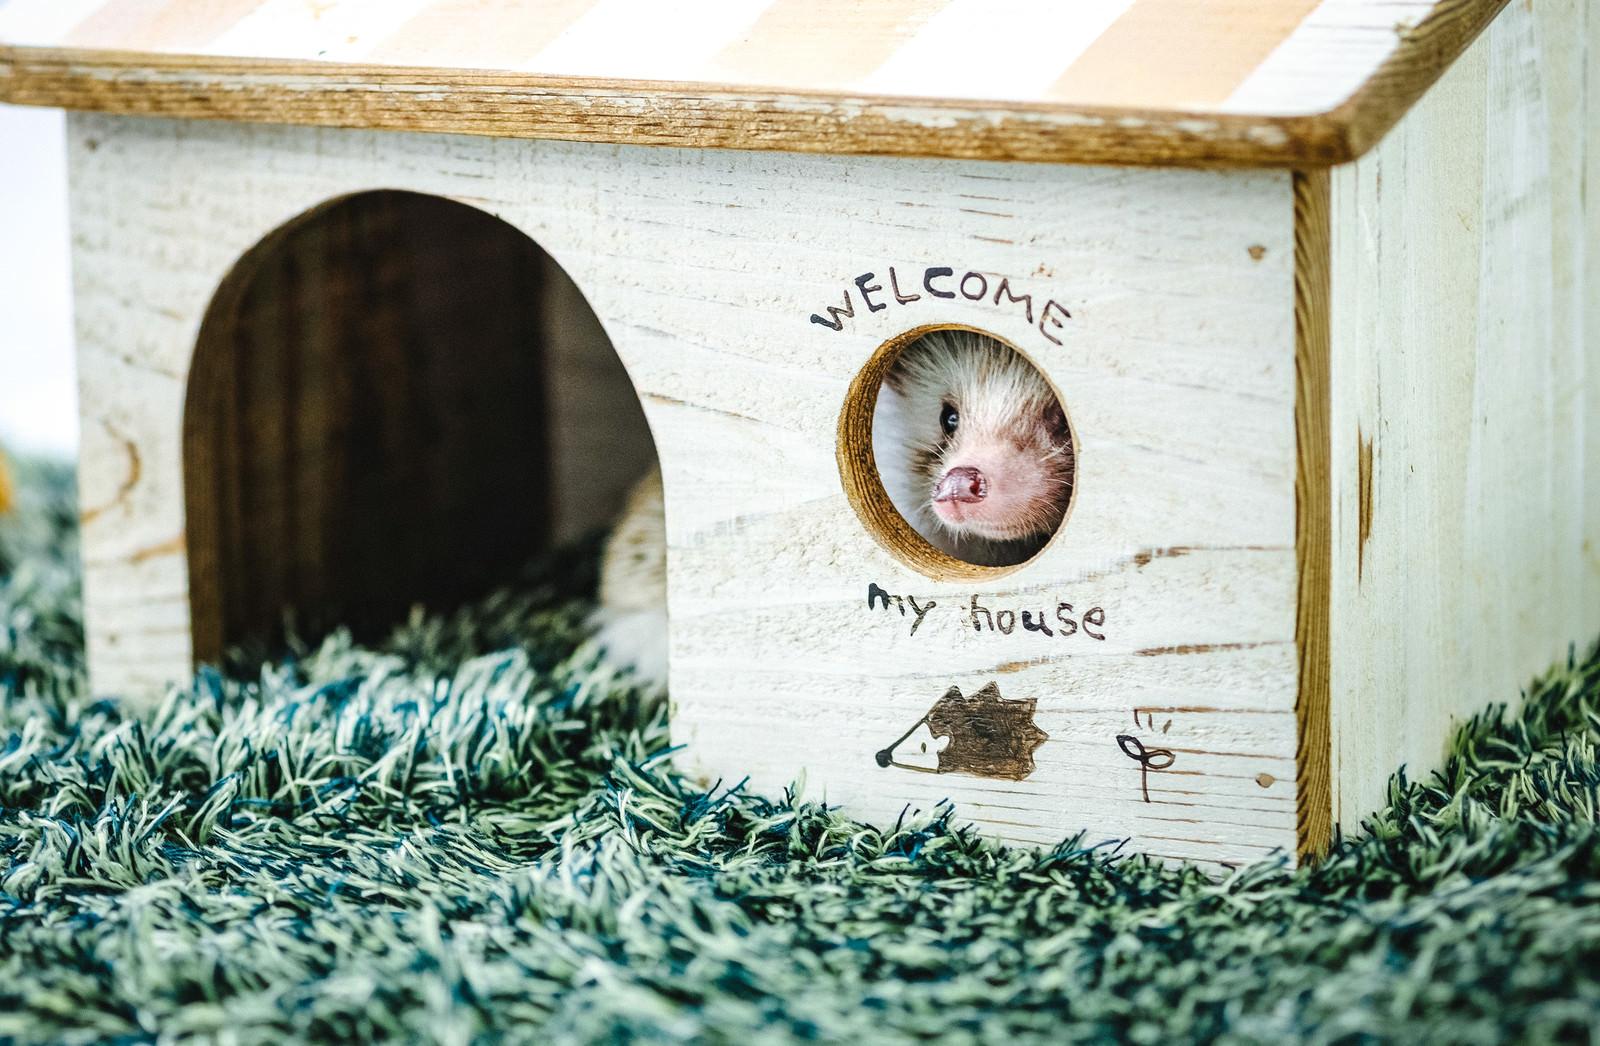 「小屋の丸い窓から周りを見るハリネズミ」の写真